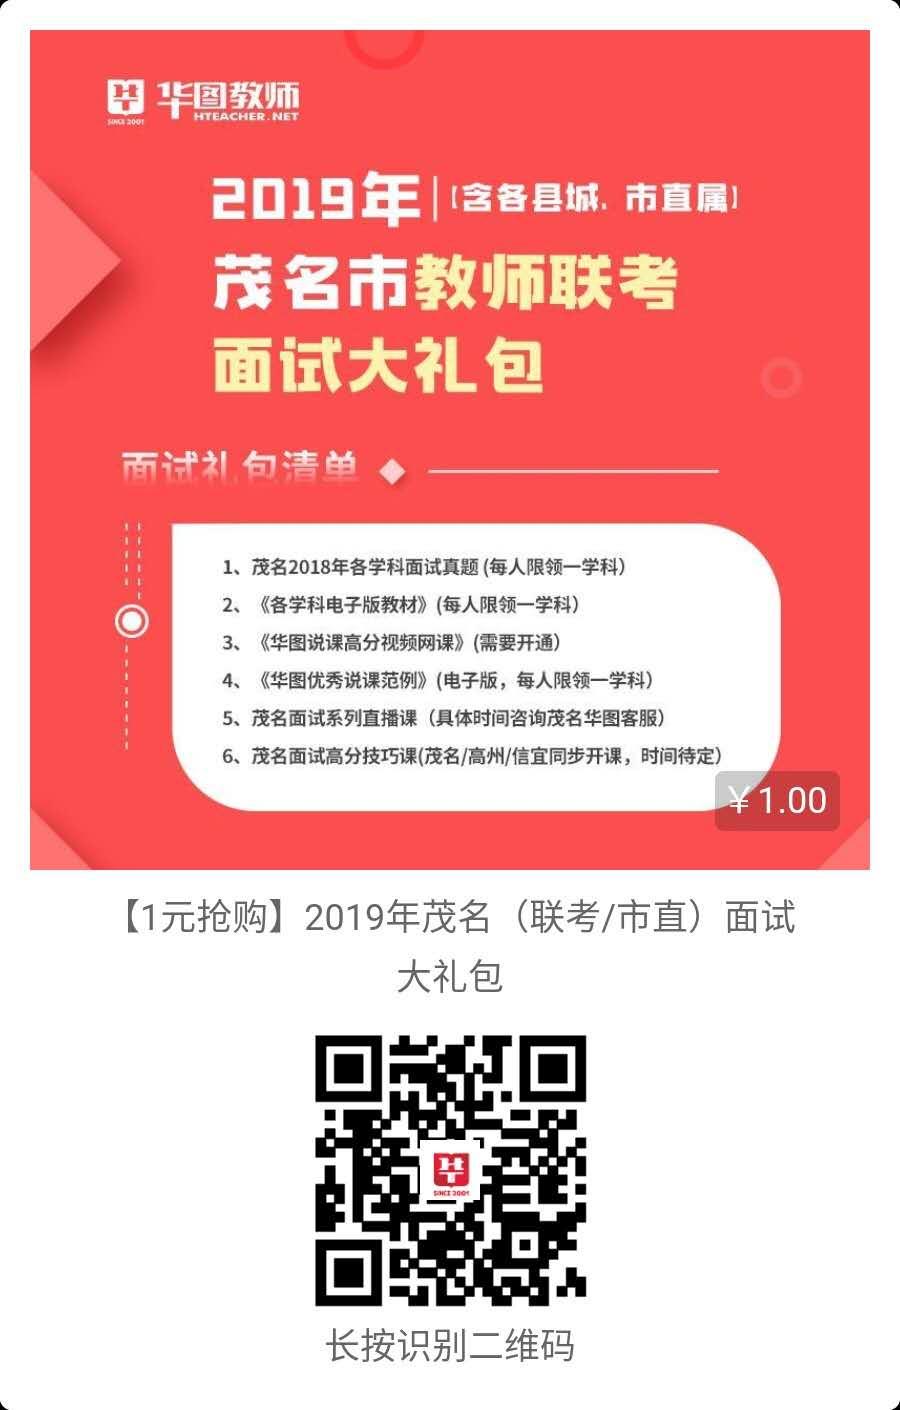 2019年茂名(聯考/市直)面試大禮包